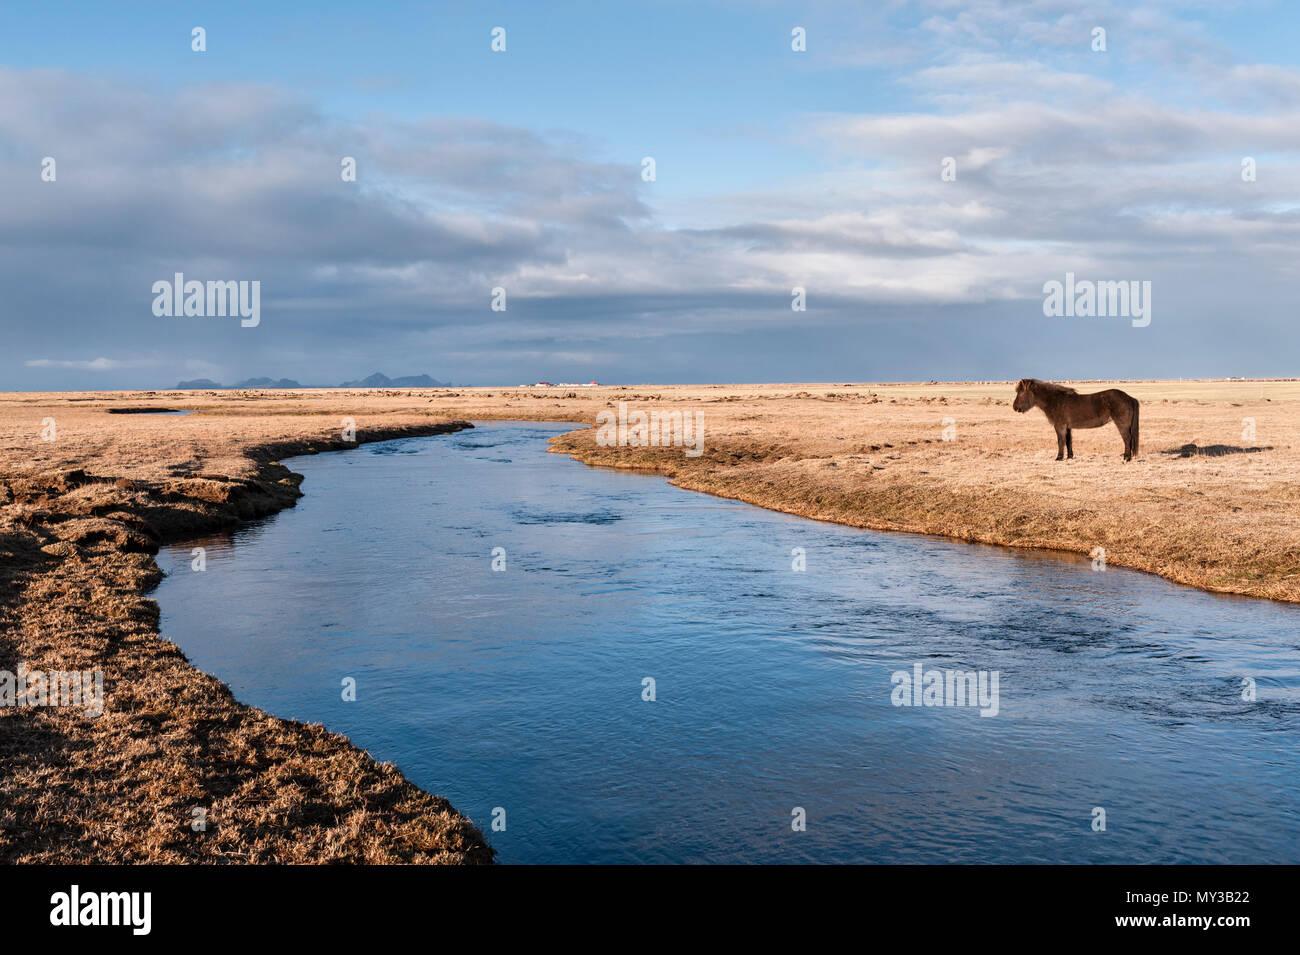 El sur de Islandia. Un caballo islandés por el río Holtsá, justo al sur de Eyjafjallajökull, visto temprano en la mañana desde la carretera de circunvalación Imagen De Stock